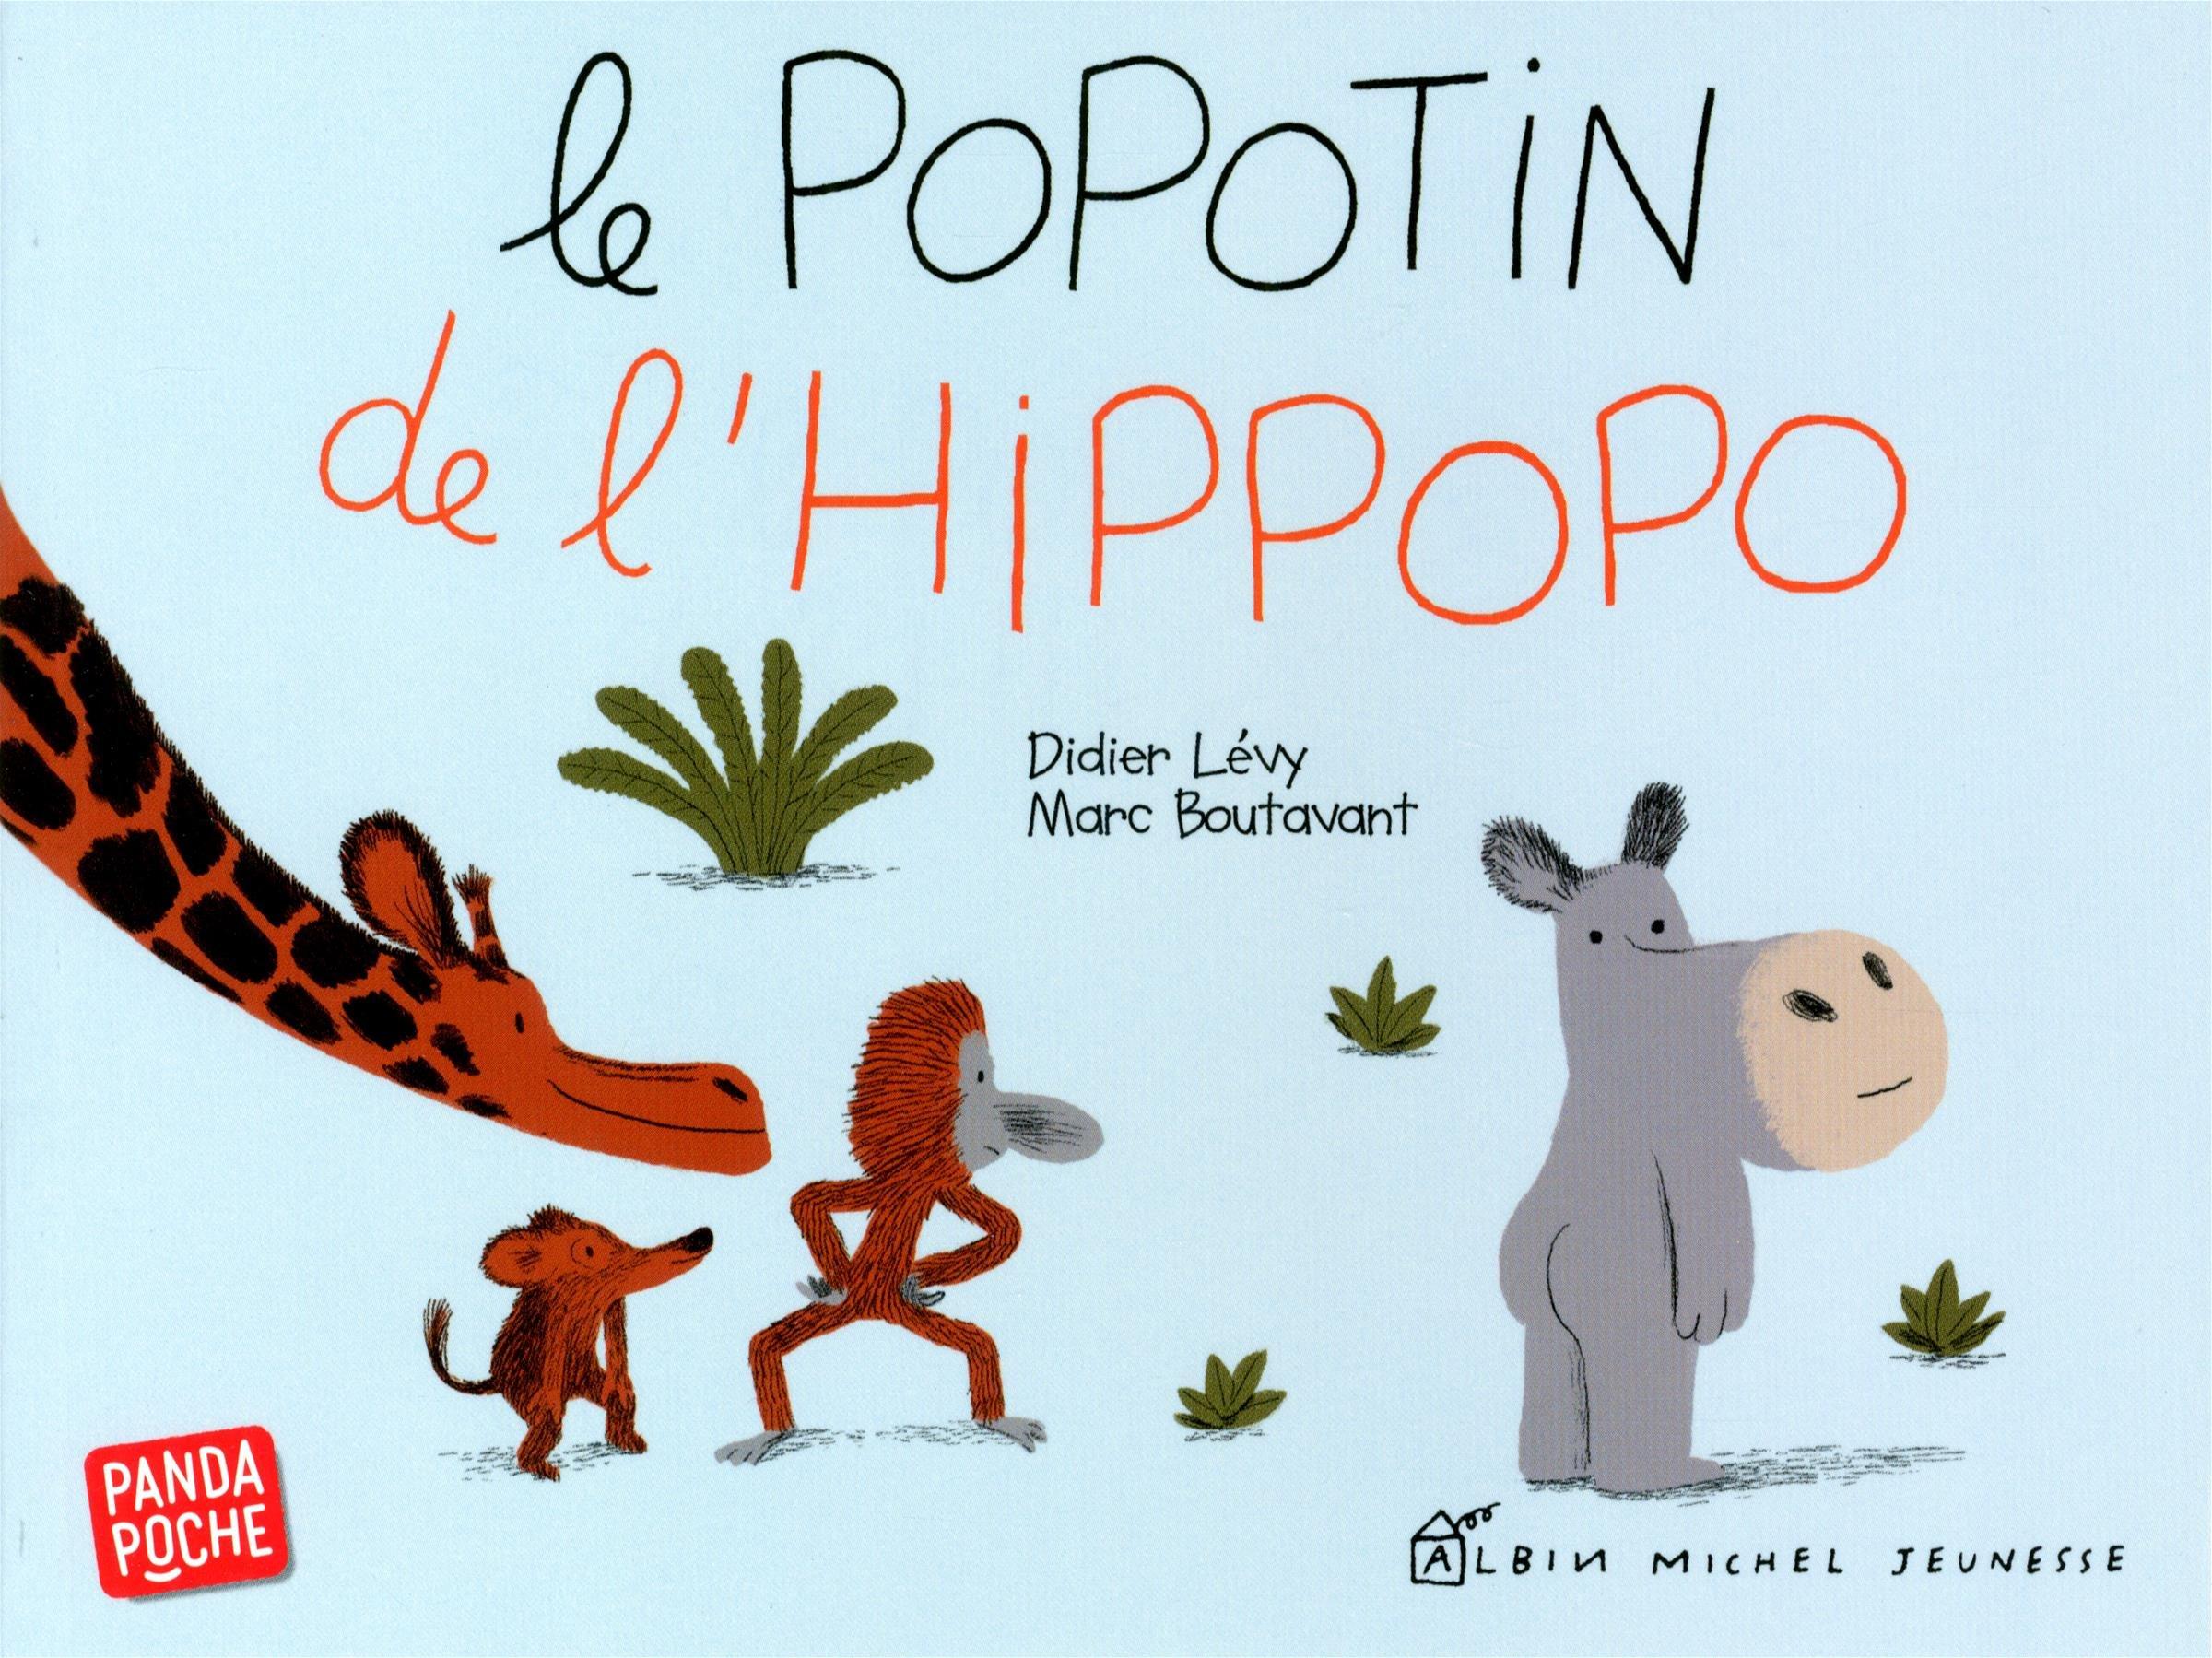 Le popotin de l'hippopo: Amazon.ca: Lévy, Didier, Boutavant, Marc: Books